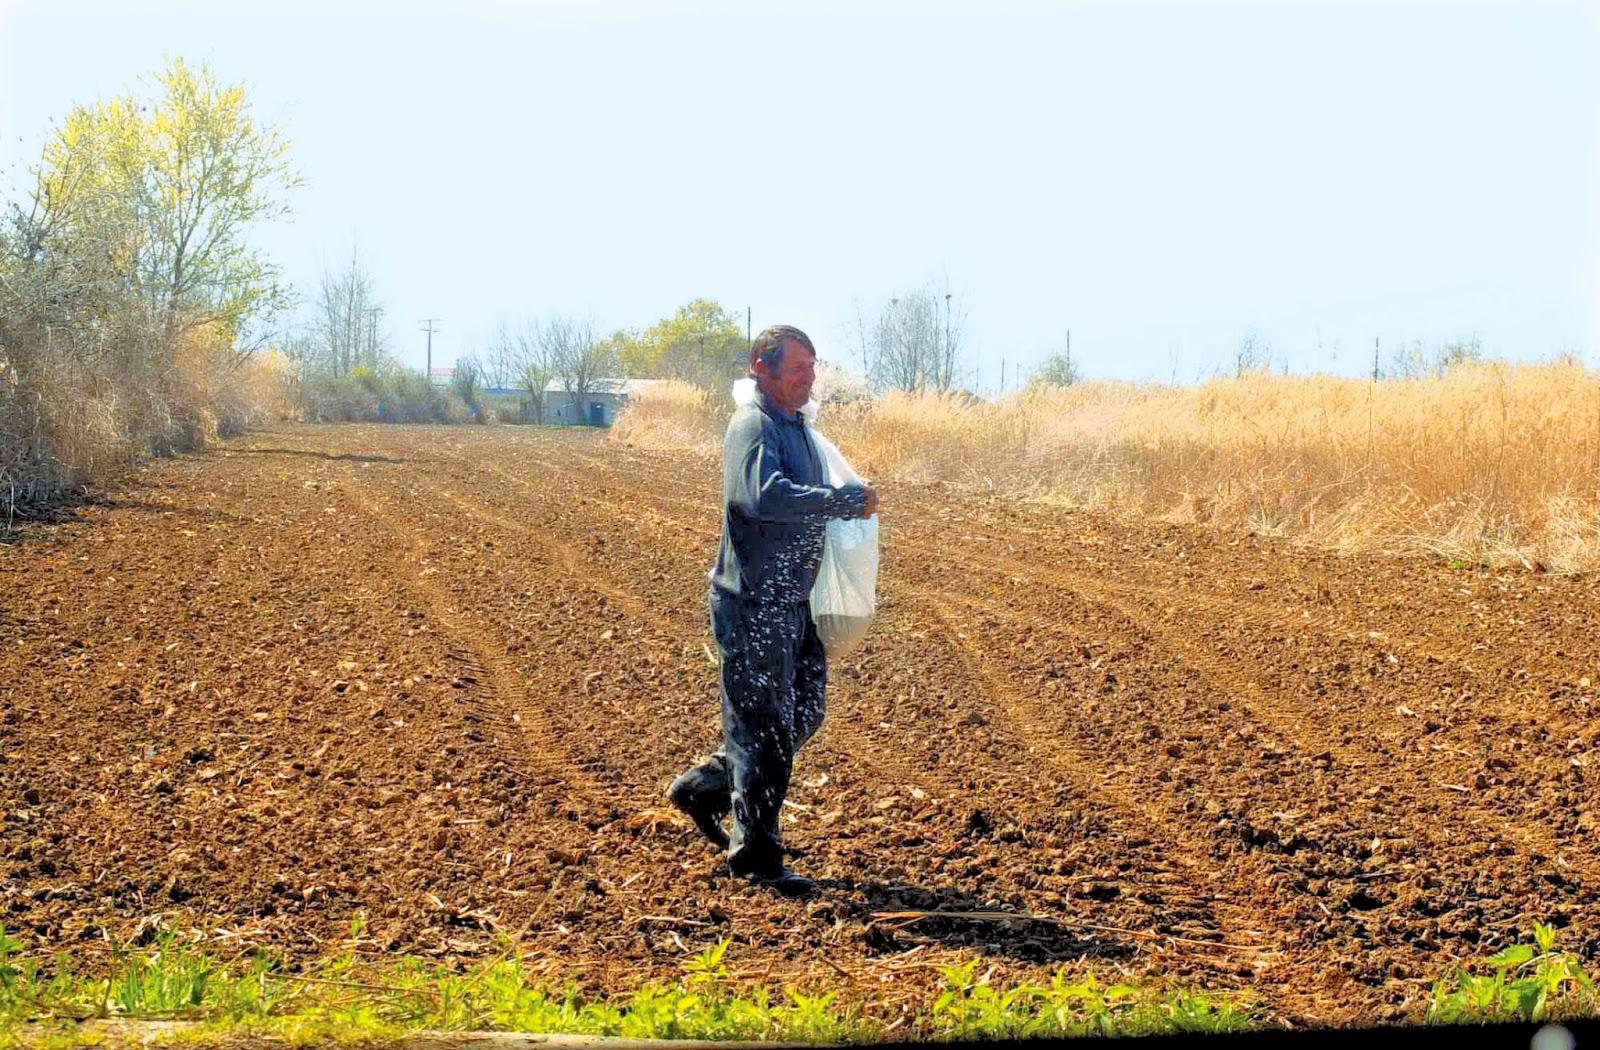 """Και το μπάχαλο με το φορολογικό, συνεχίζεται! Διαλύουν την αγροτιά βάζοντας χαράτσι στα χωράφια με αντικειμενικές και τεκμαρτά εισοδήματα """"ιδιοχρησιμοποίησης εκτάσεων γης""""."""